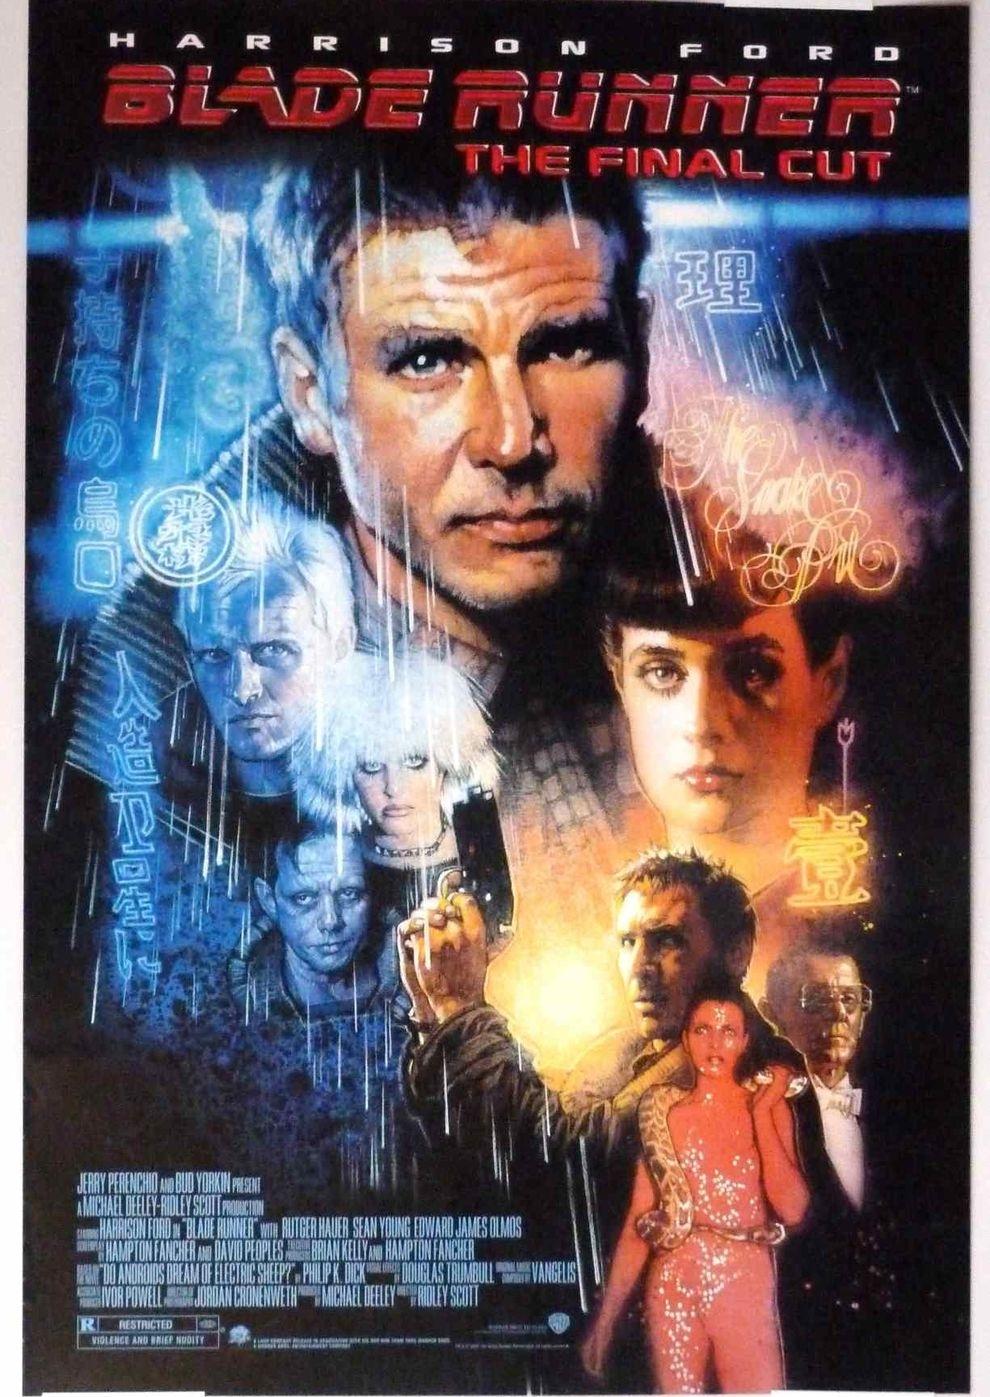 Blade Runner - Final Cut (Poster)